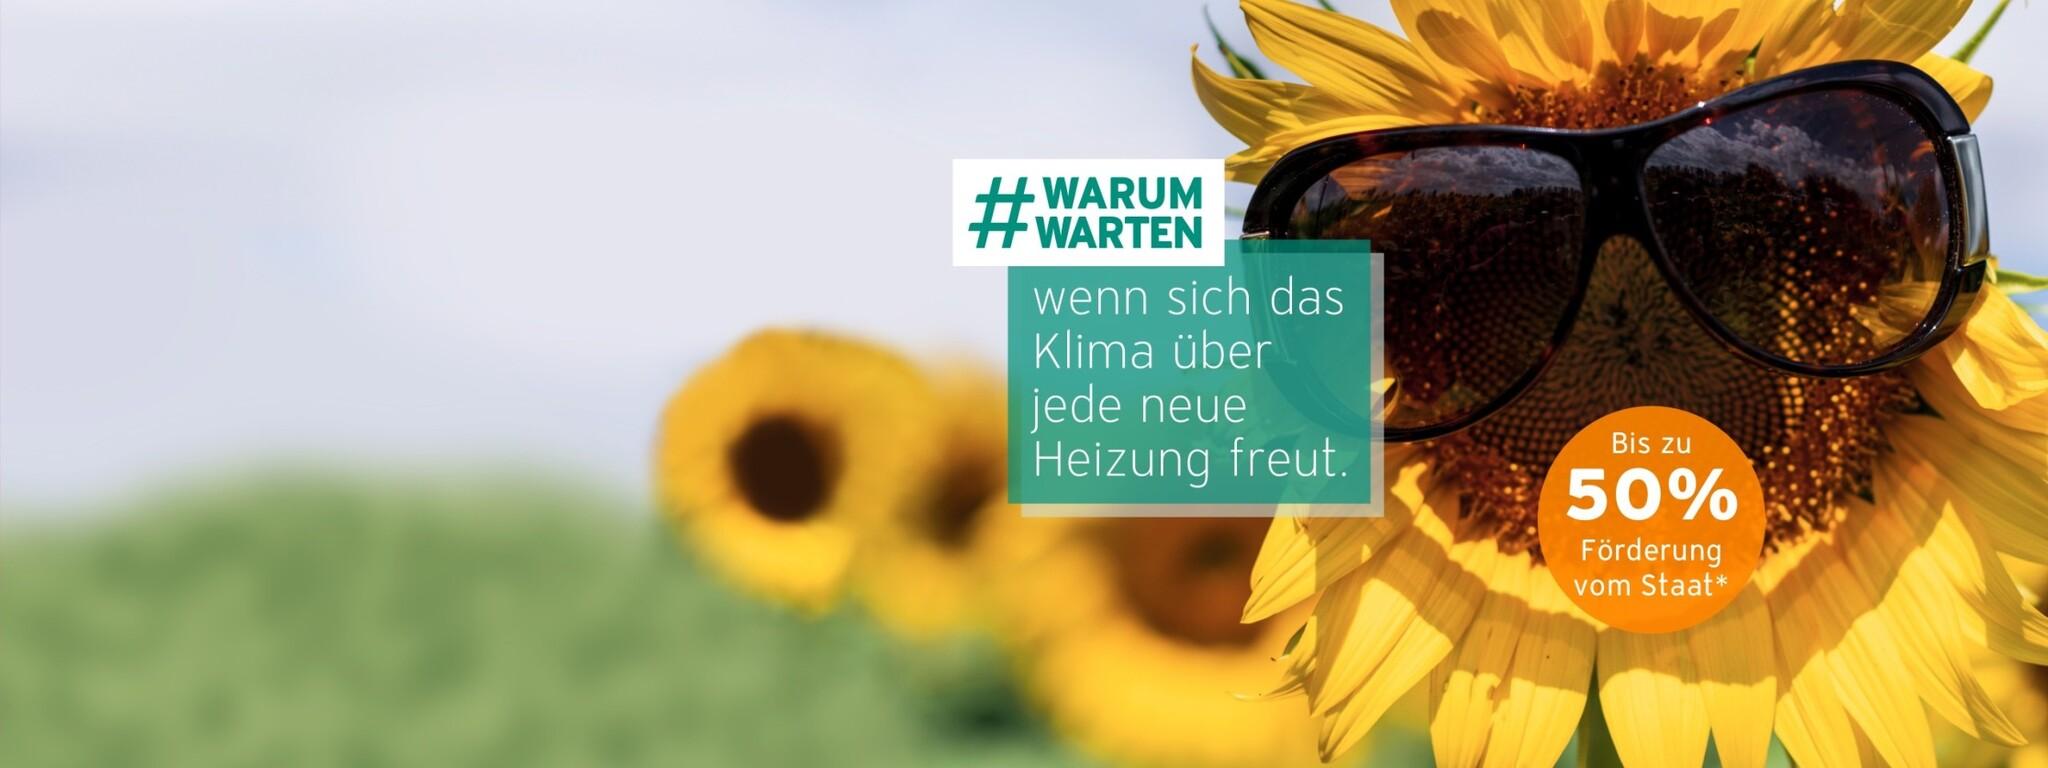 Vaillant #warumwarten Klima Förderung Sommer